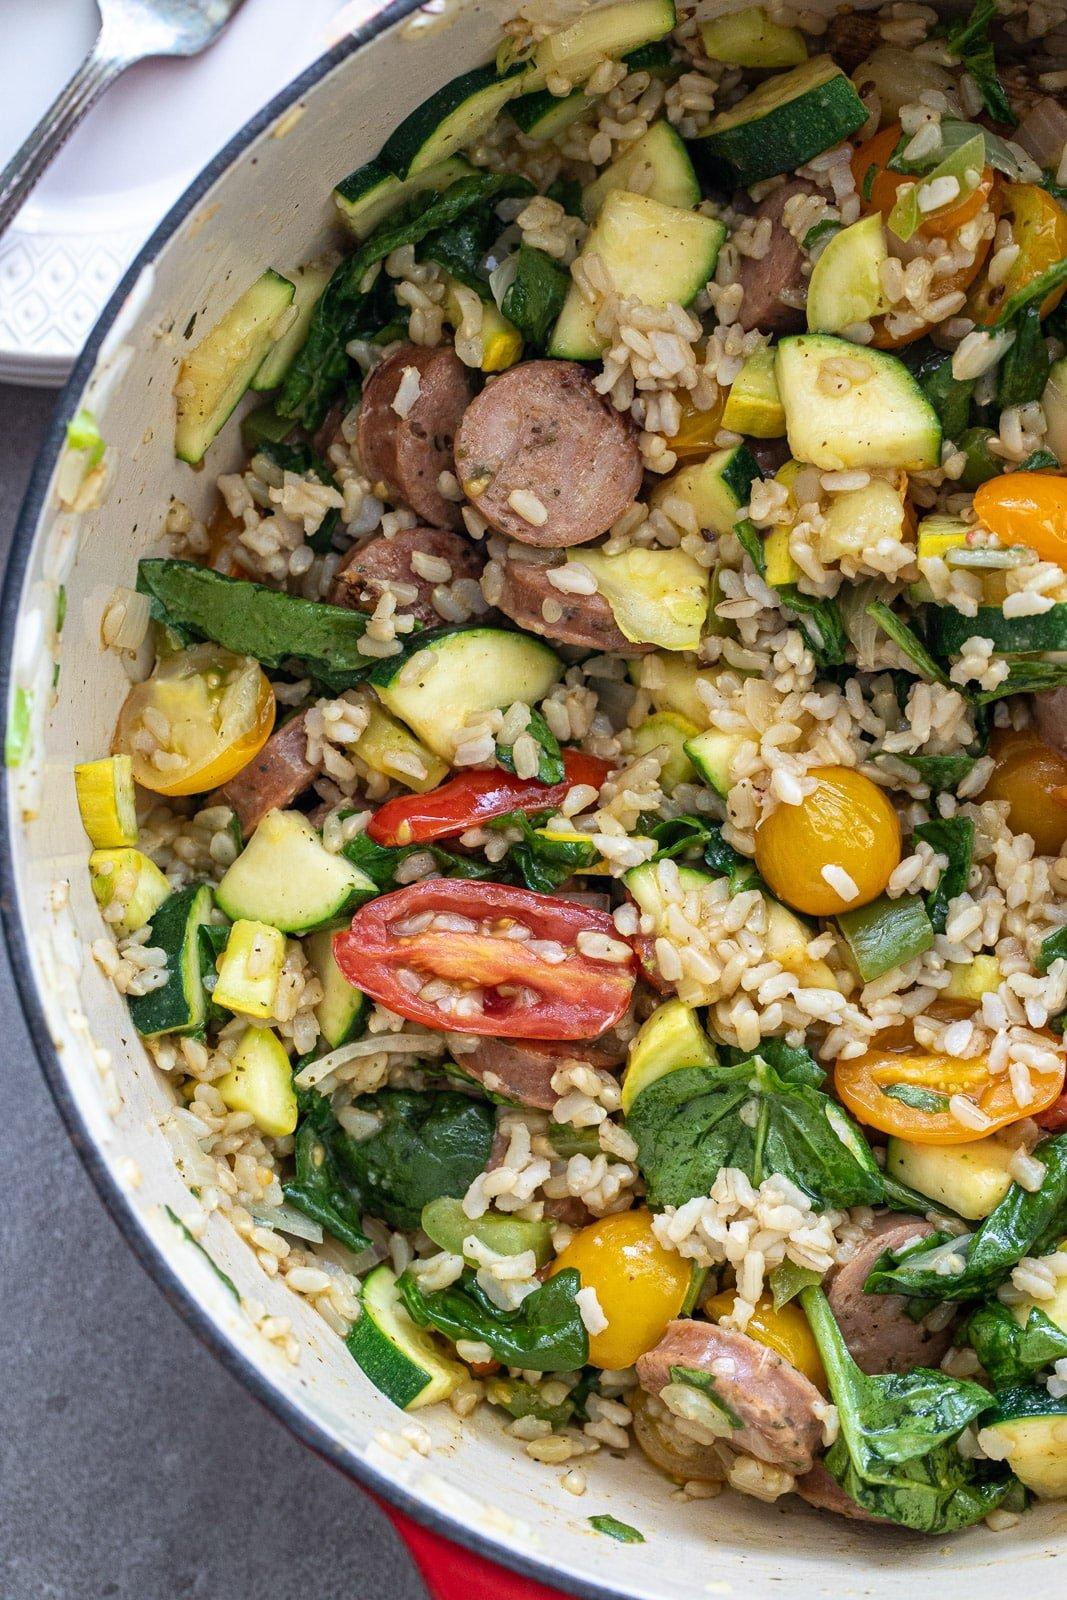 Chicken sausage, brown rice, and veggie skillet